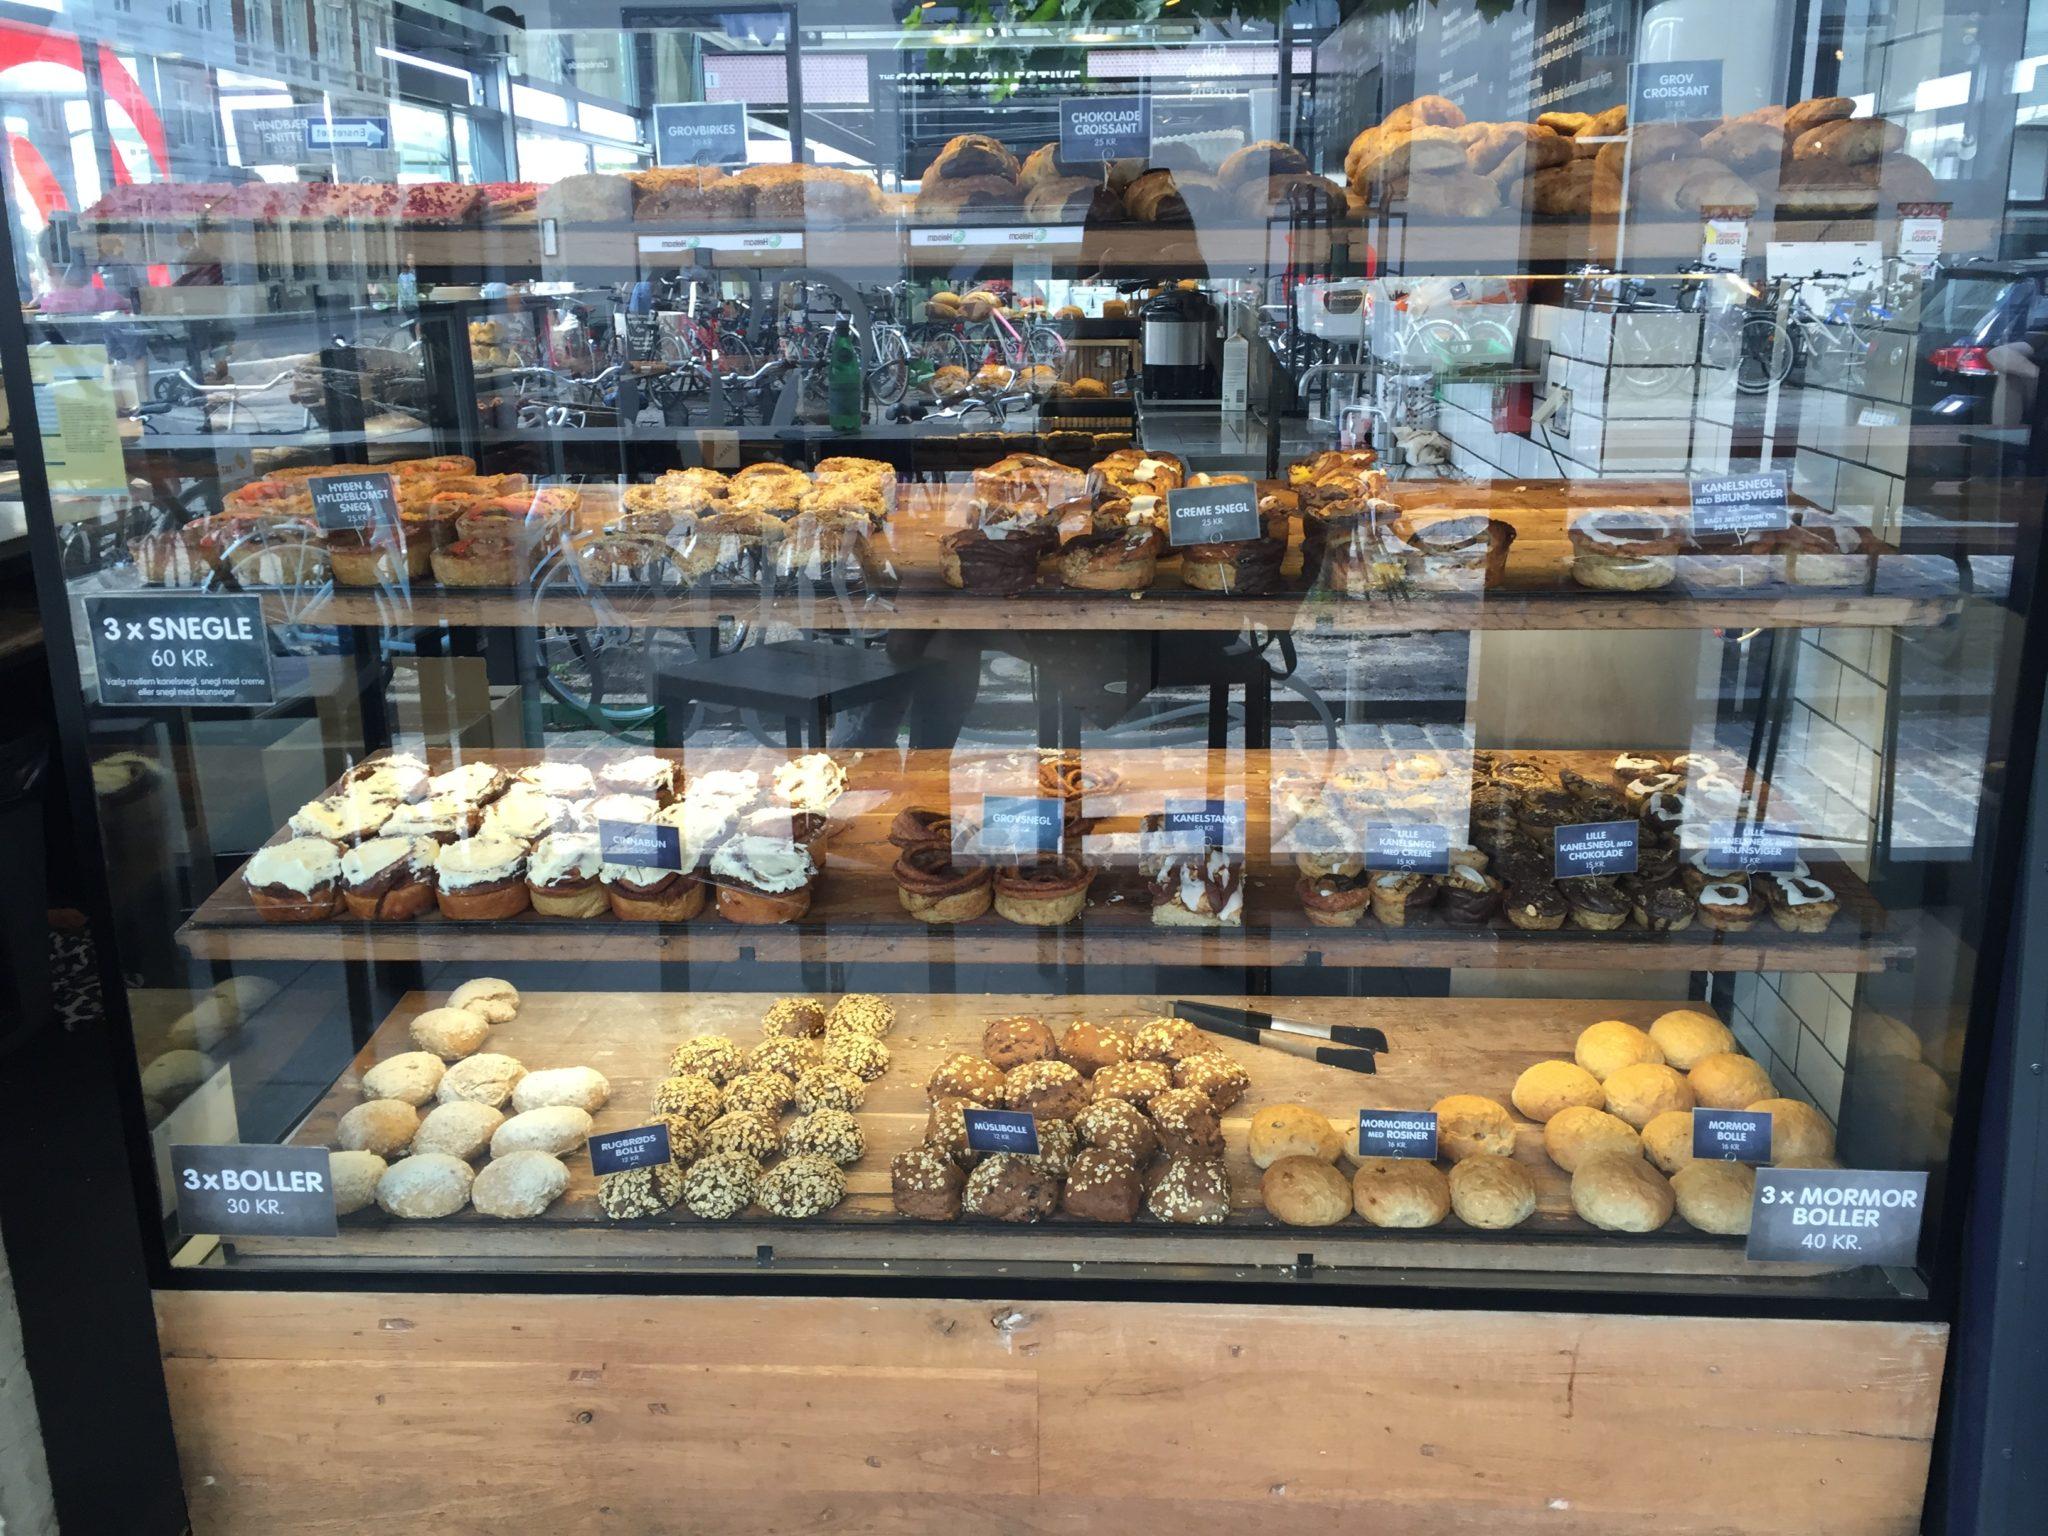 Fresh bakery, bread, cinnamon bun